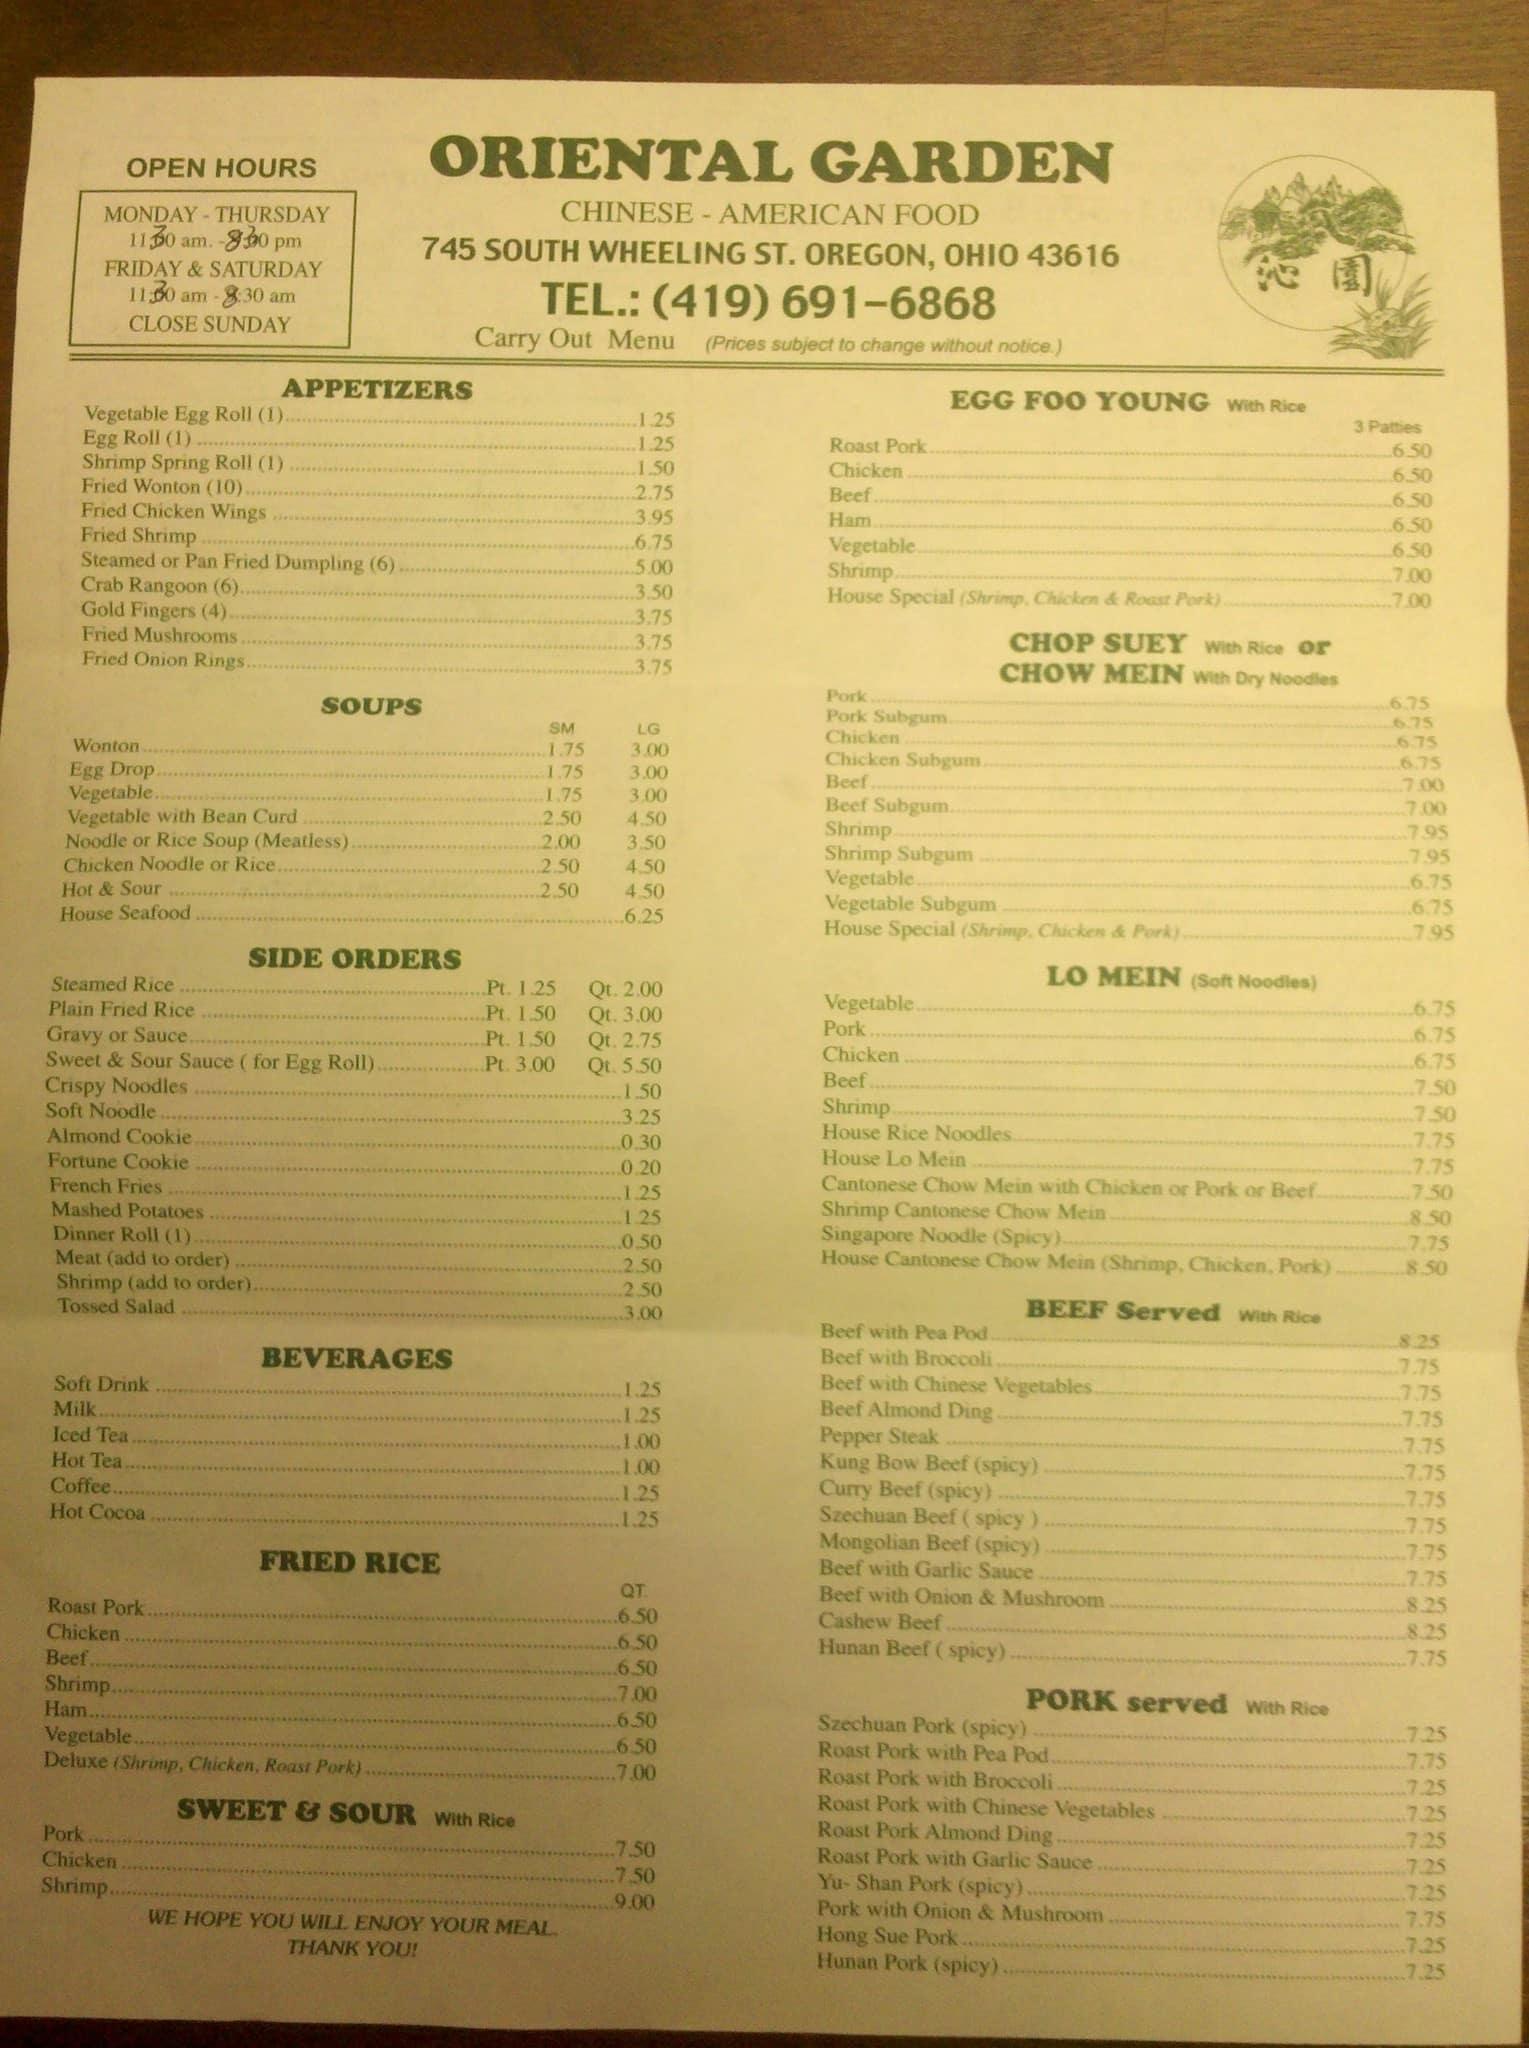 oriental garden chinese restaurant oregon menu - Oriental Garden Menu